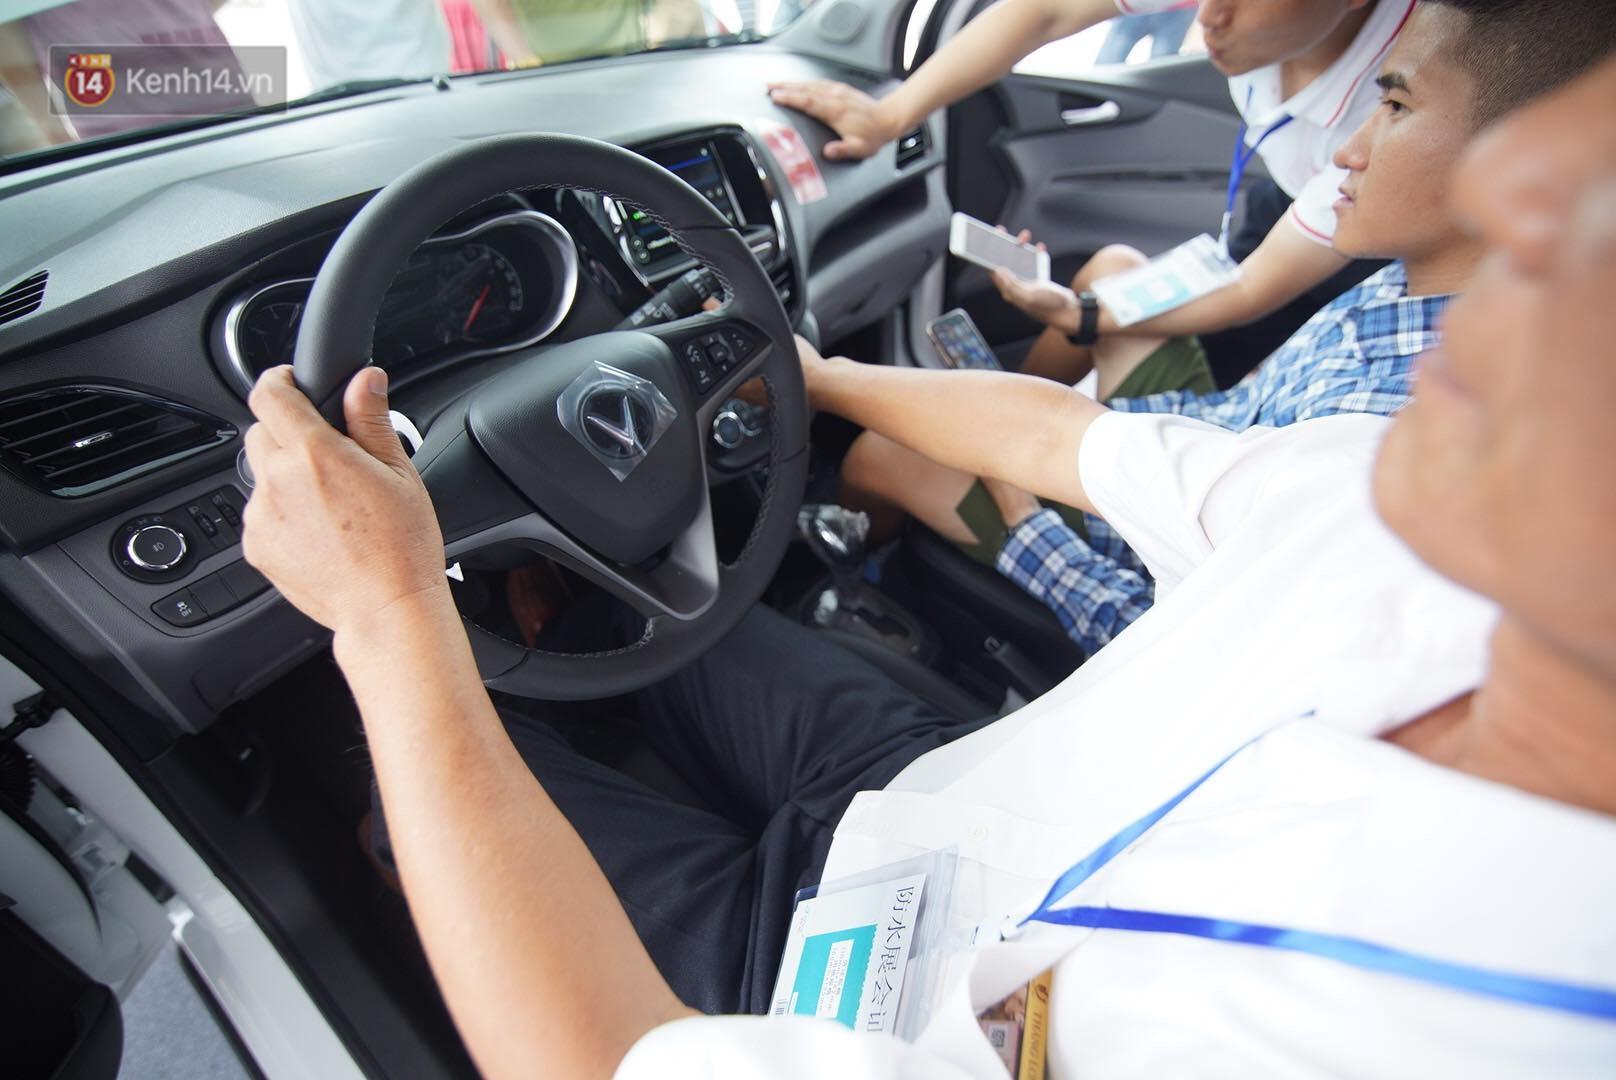 VinFast bàn giao hàng trăm xe ô tô Fadil, khách hàng tự hào: Người Việt dùng hàng Việt! - Ảnh 11.